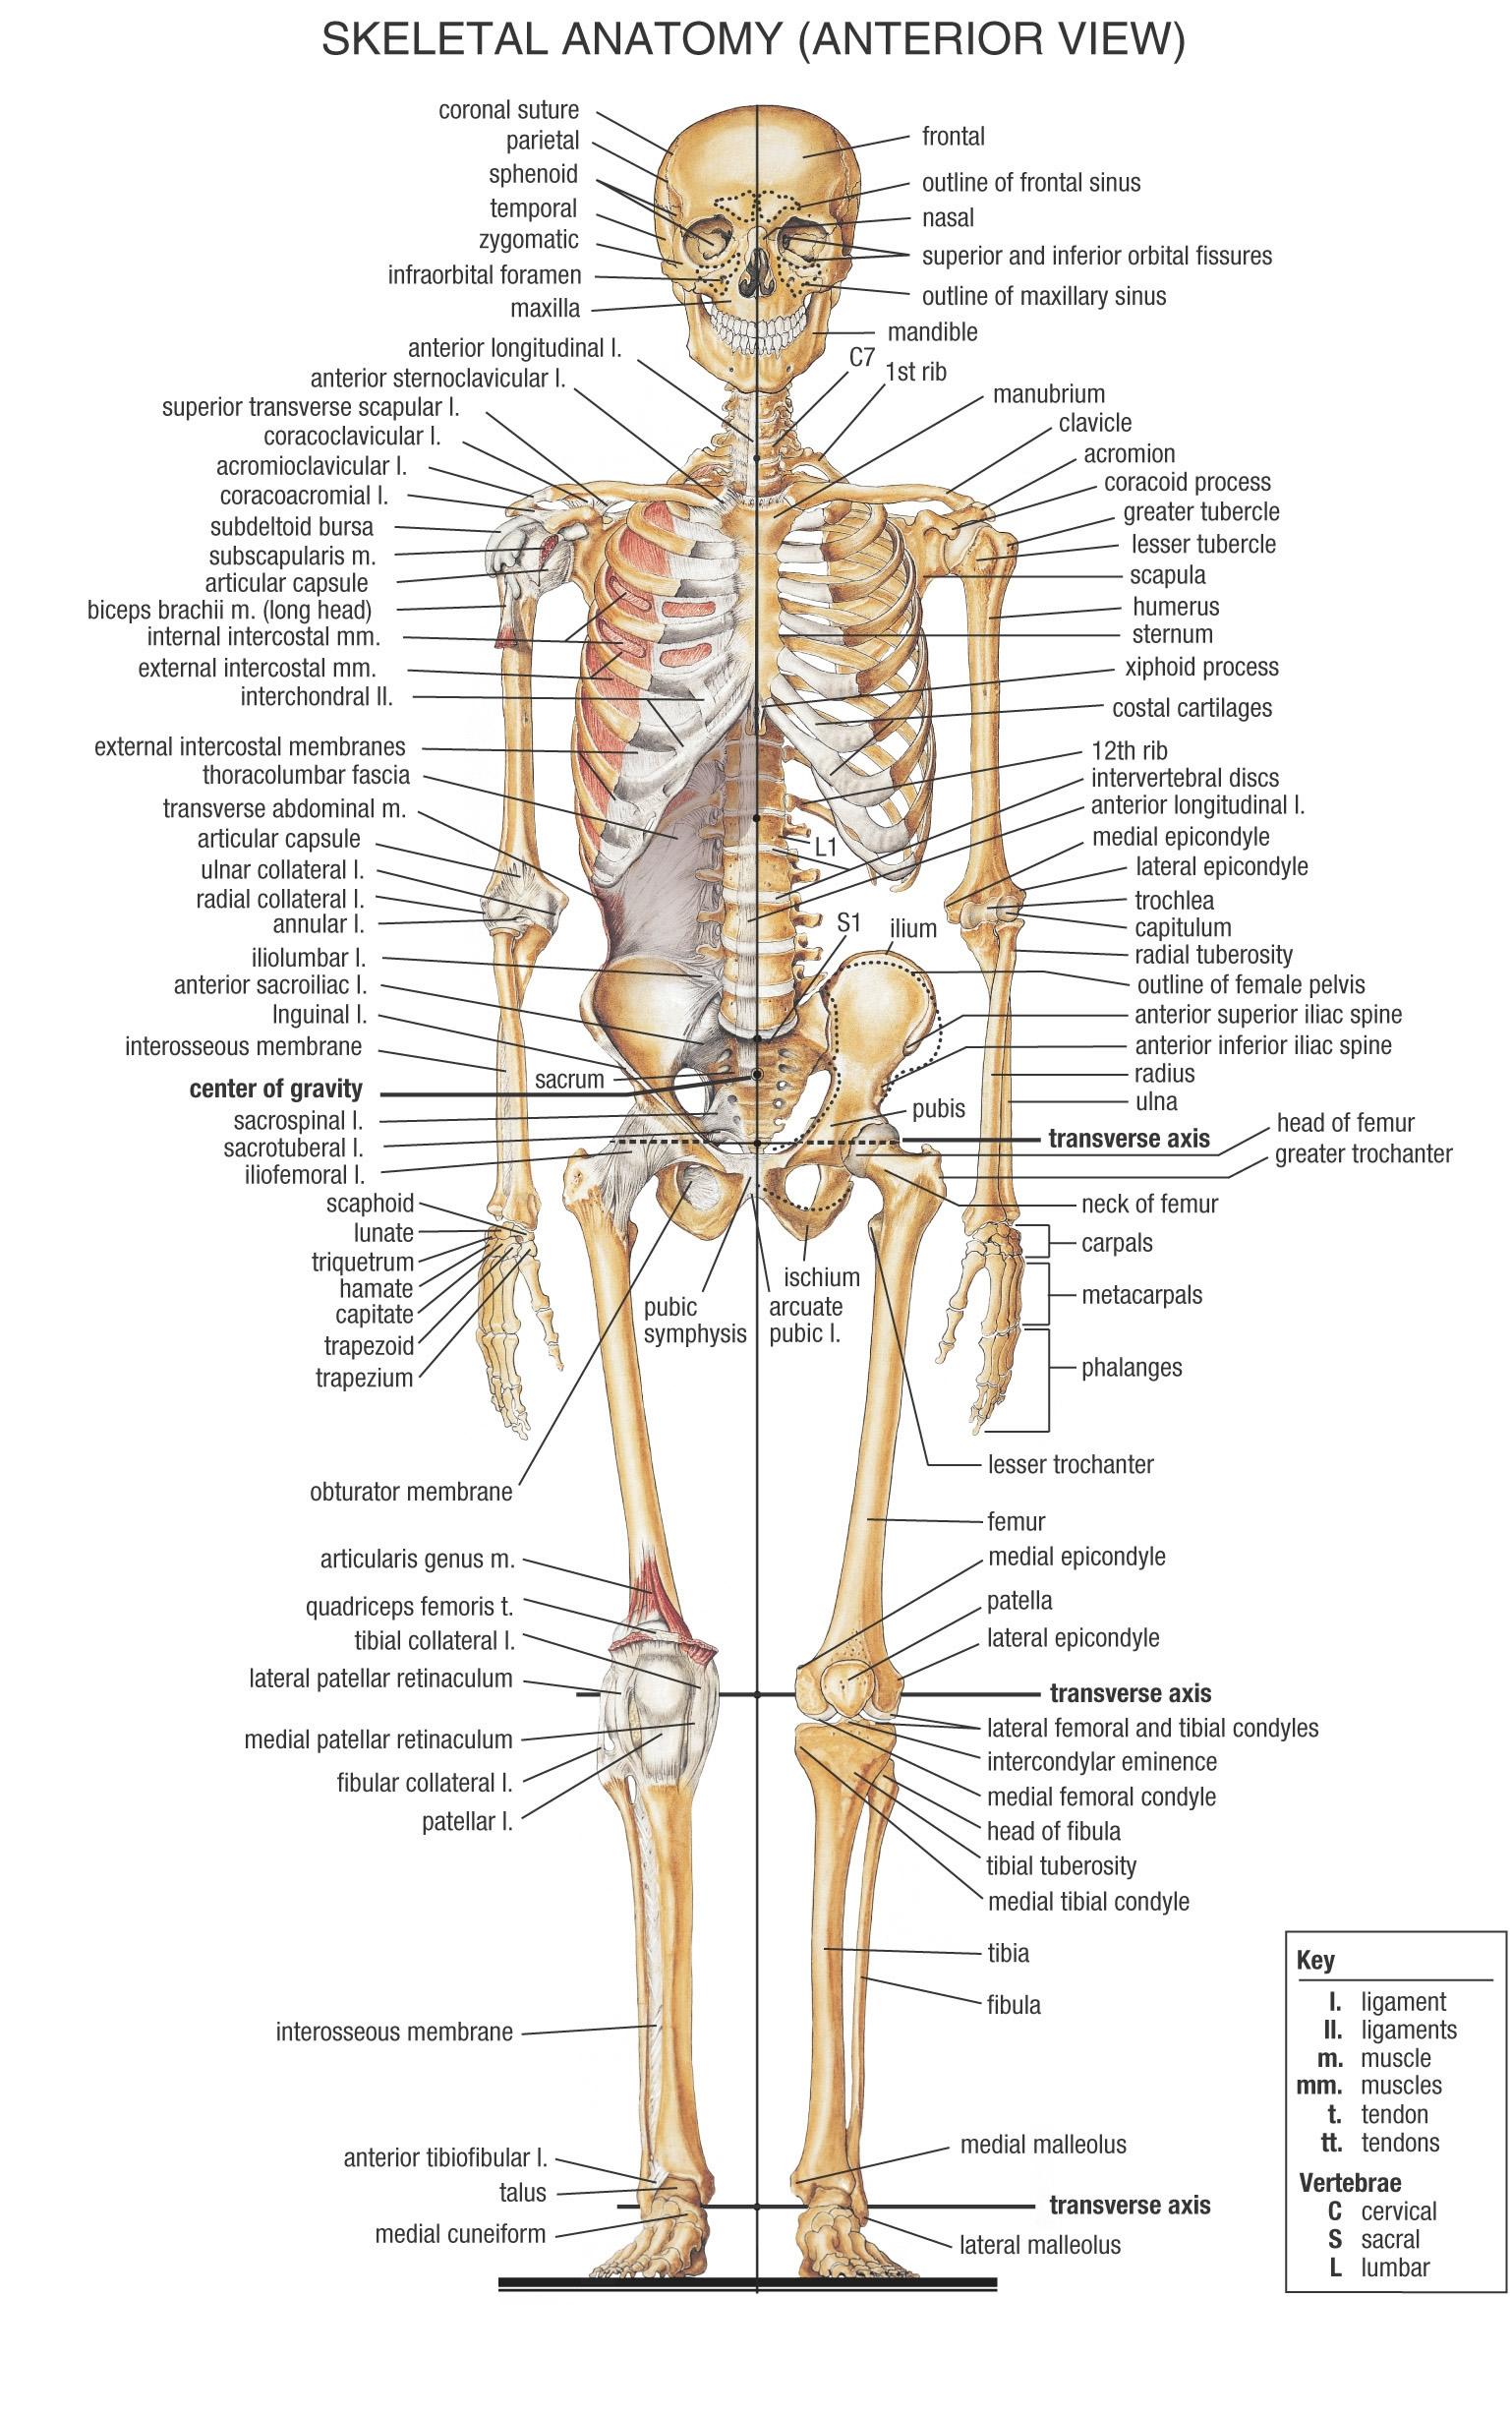 دانلود فیلم های آناتومی - جلسه 11 و استخوانهای توراکس